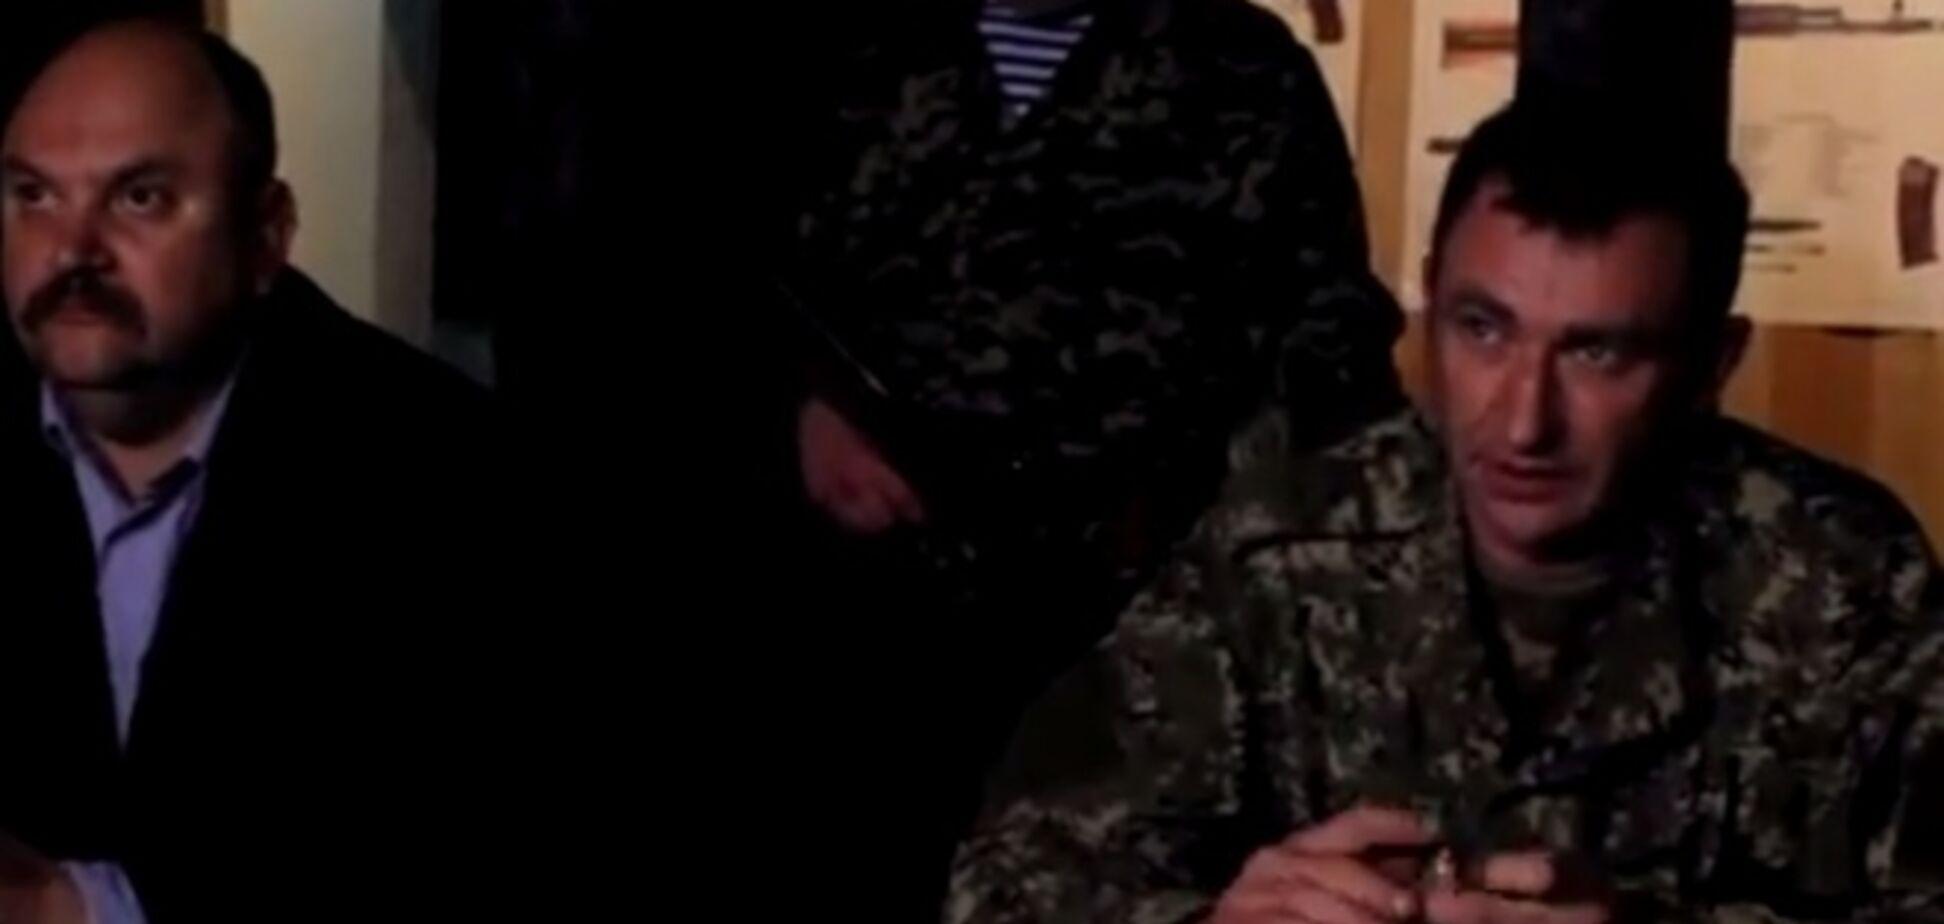 Донецкий террорист 'Абвер' работал налоговиком в Крыму